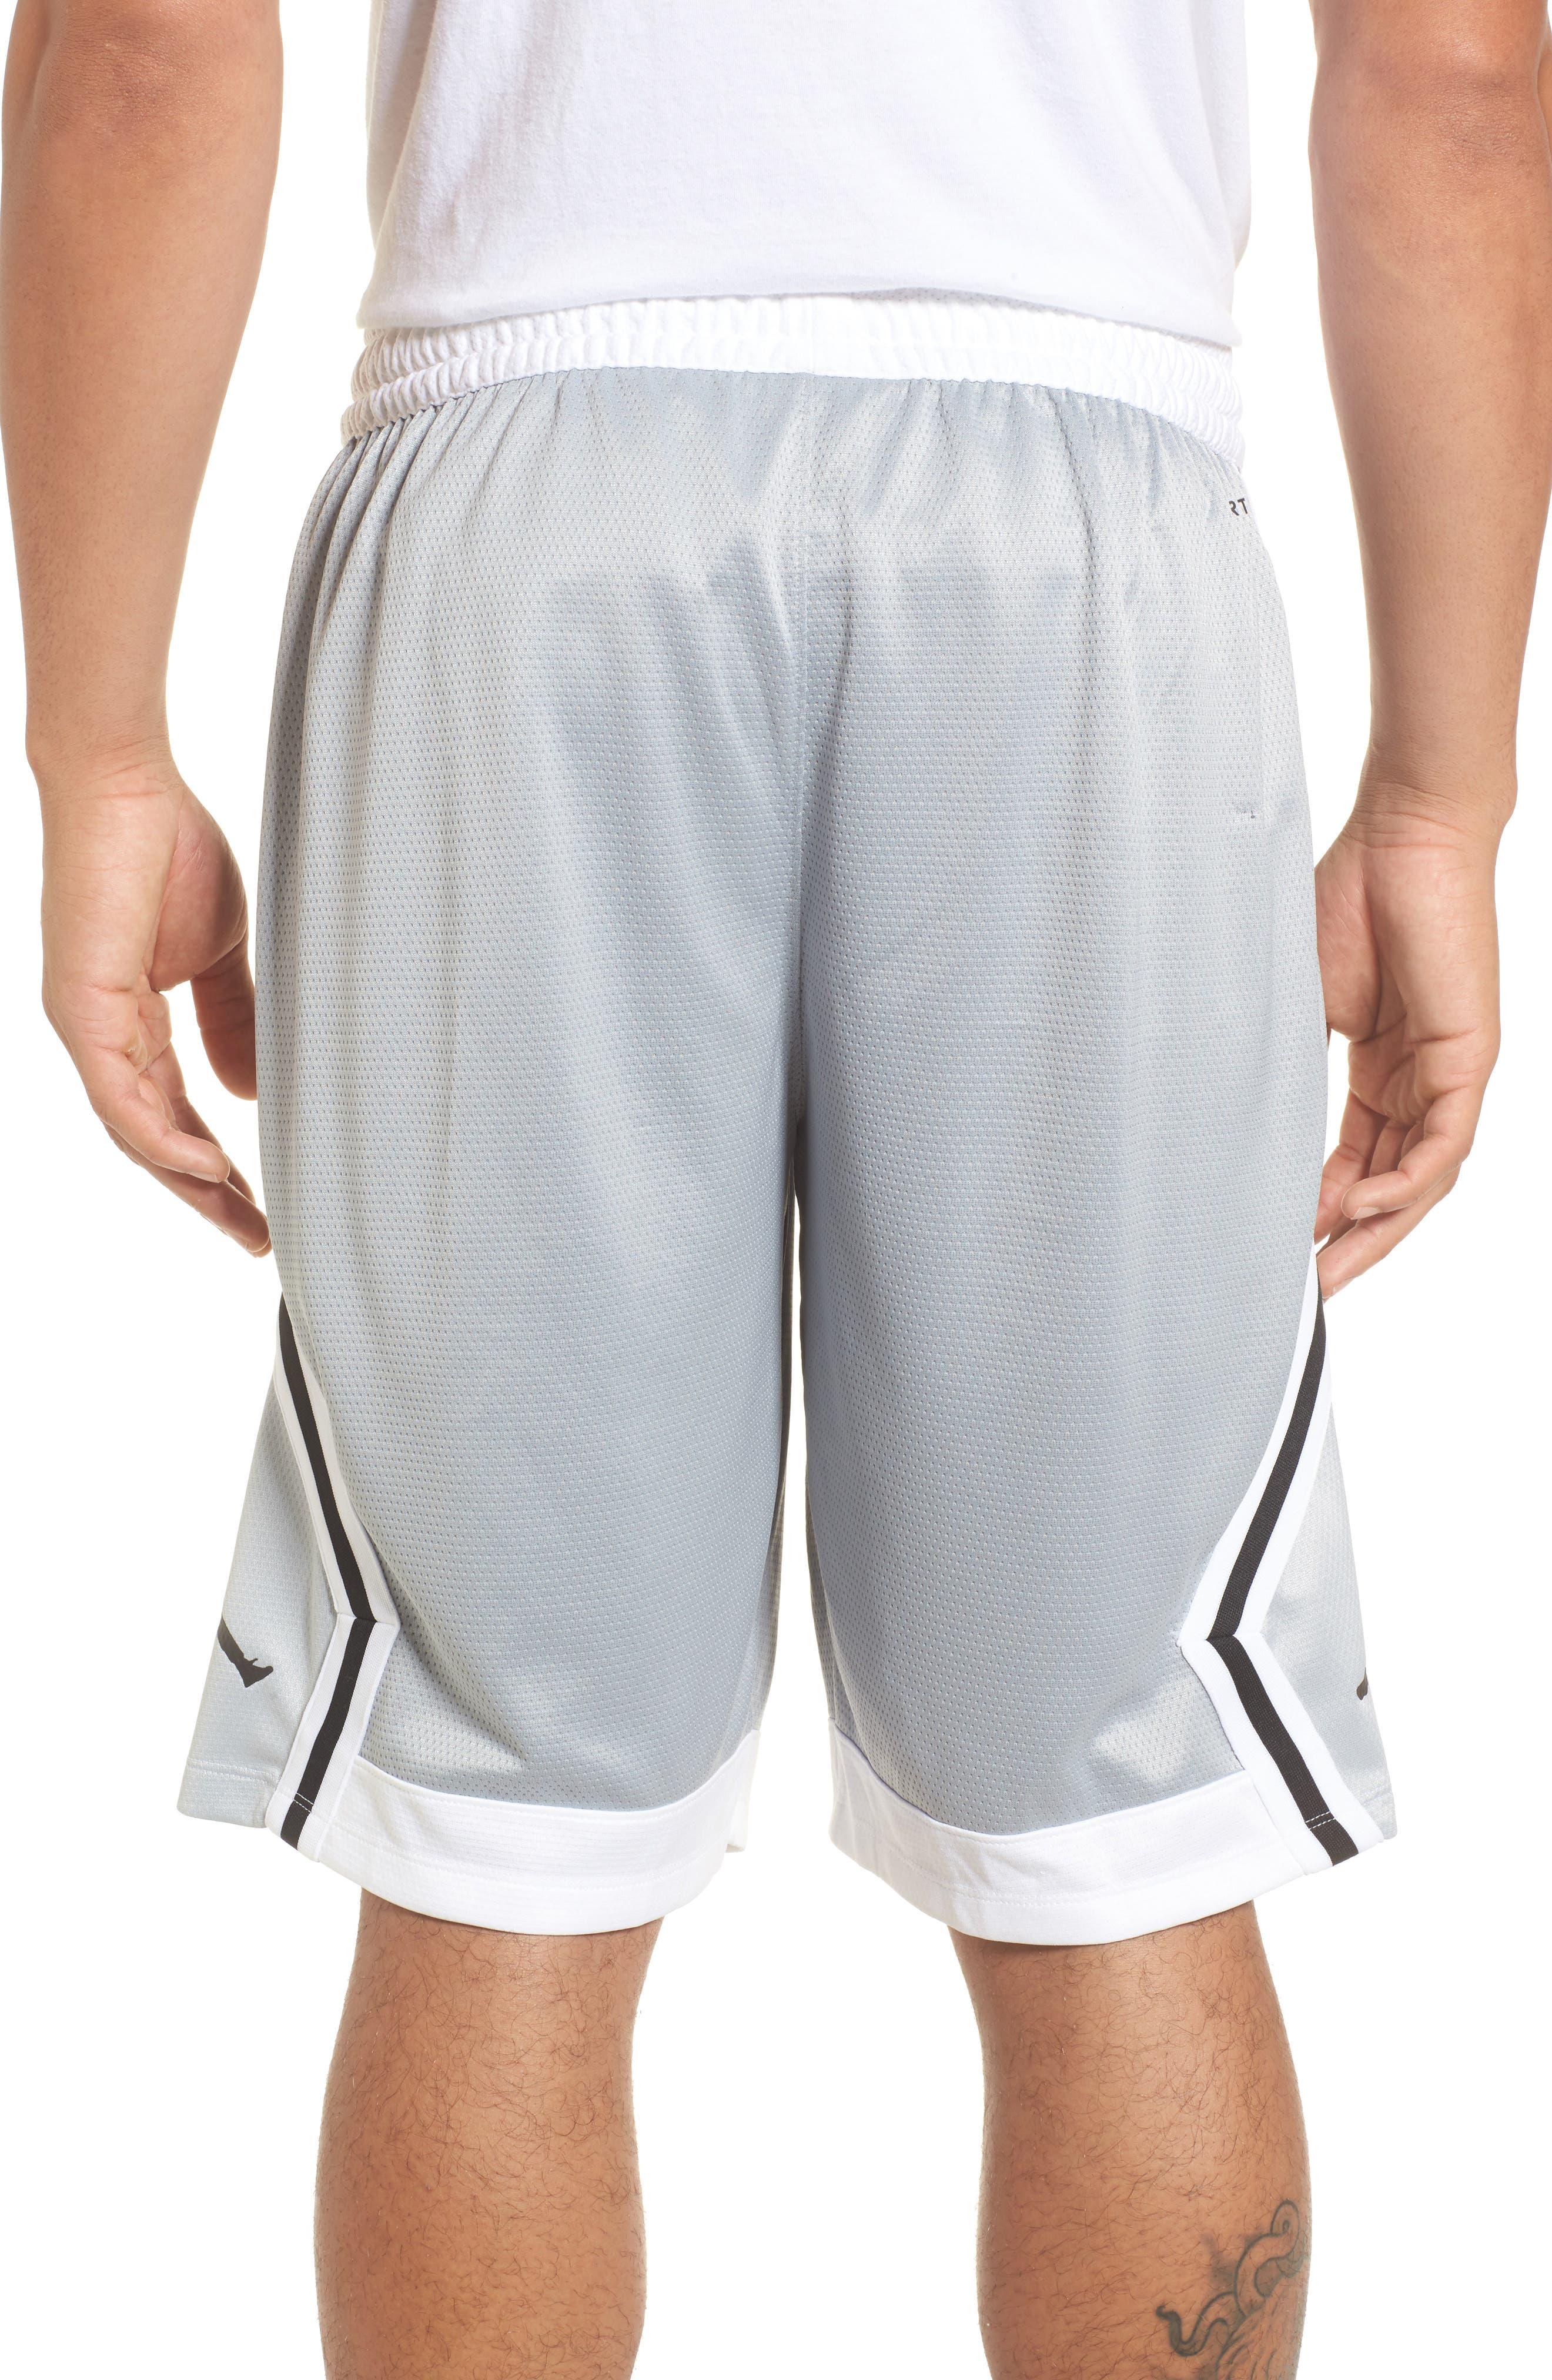 Sportswear Rise Diamond Shorts,                             Alternate thumbnail 2, color,                             011